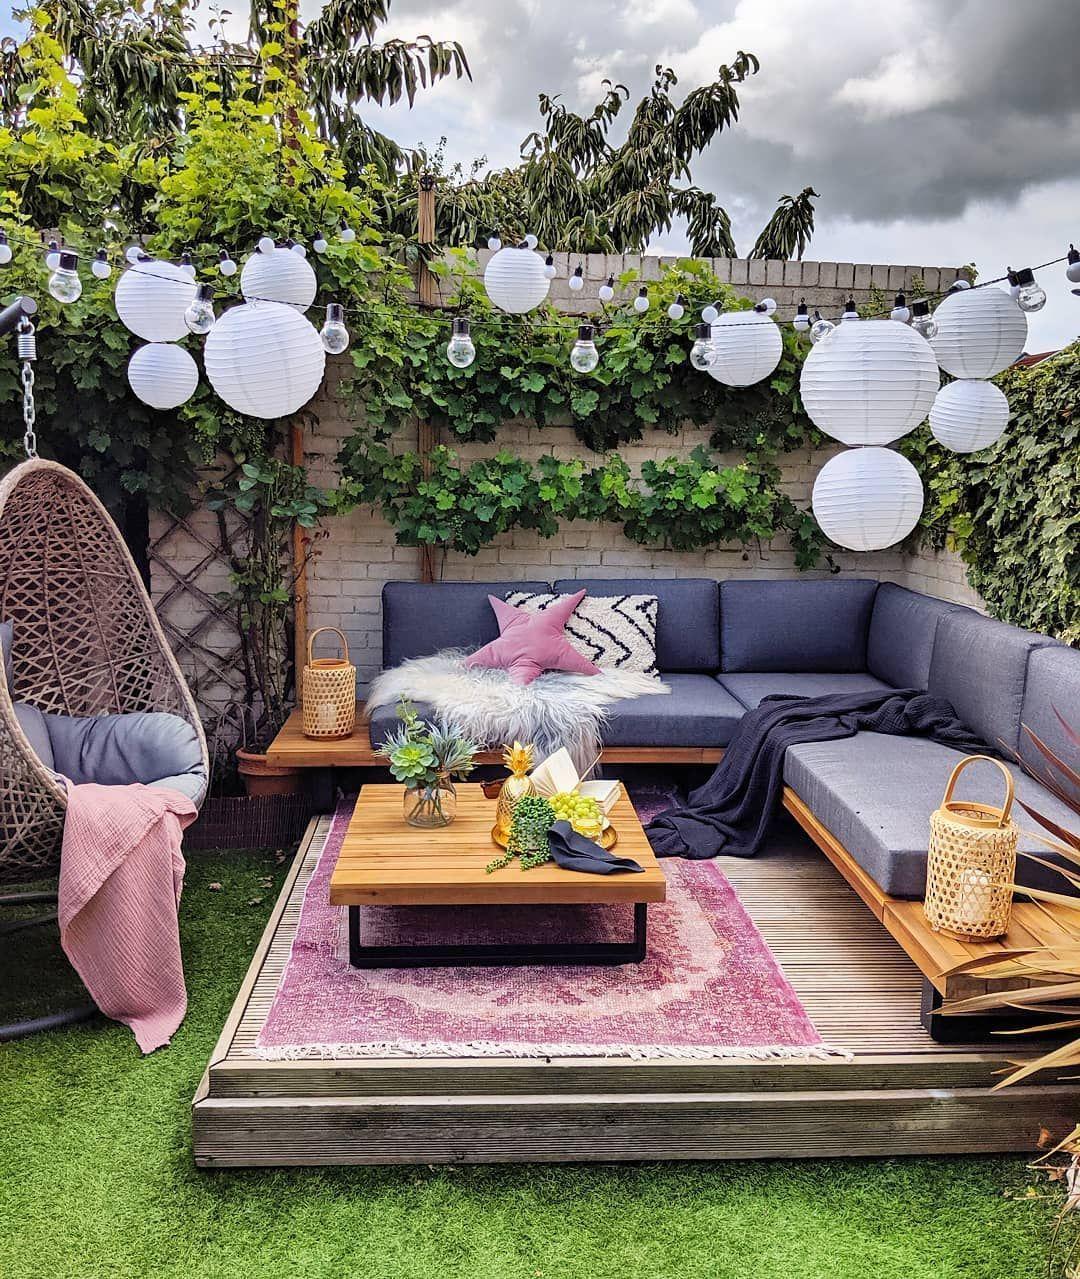 Épinglé Sur Balkons ,terrasse , Veranda Und Garten pour Decoration Exterieur